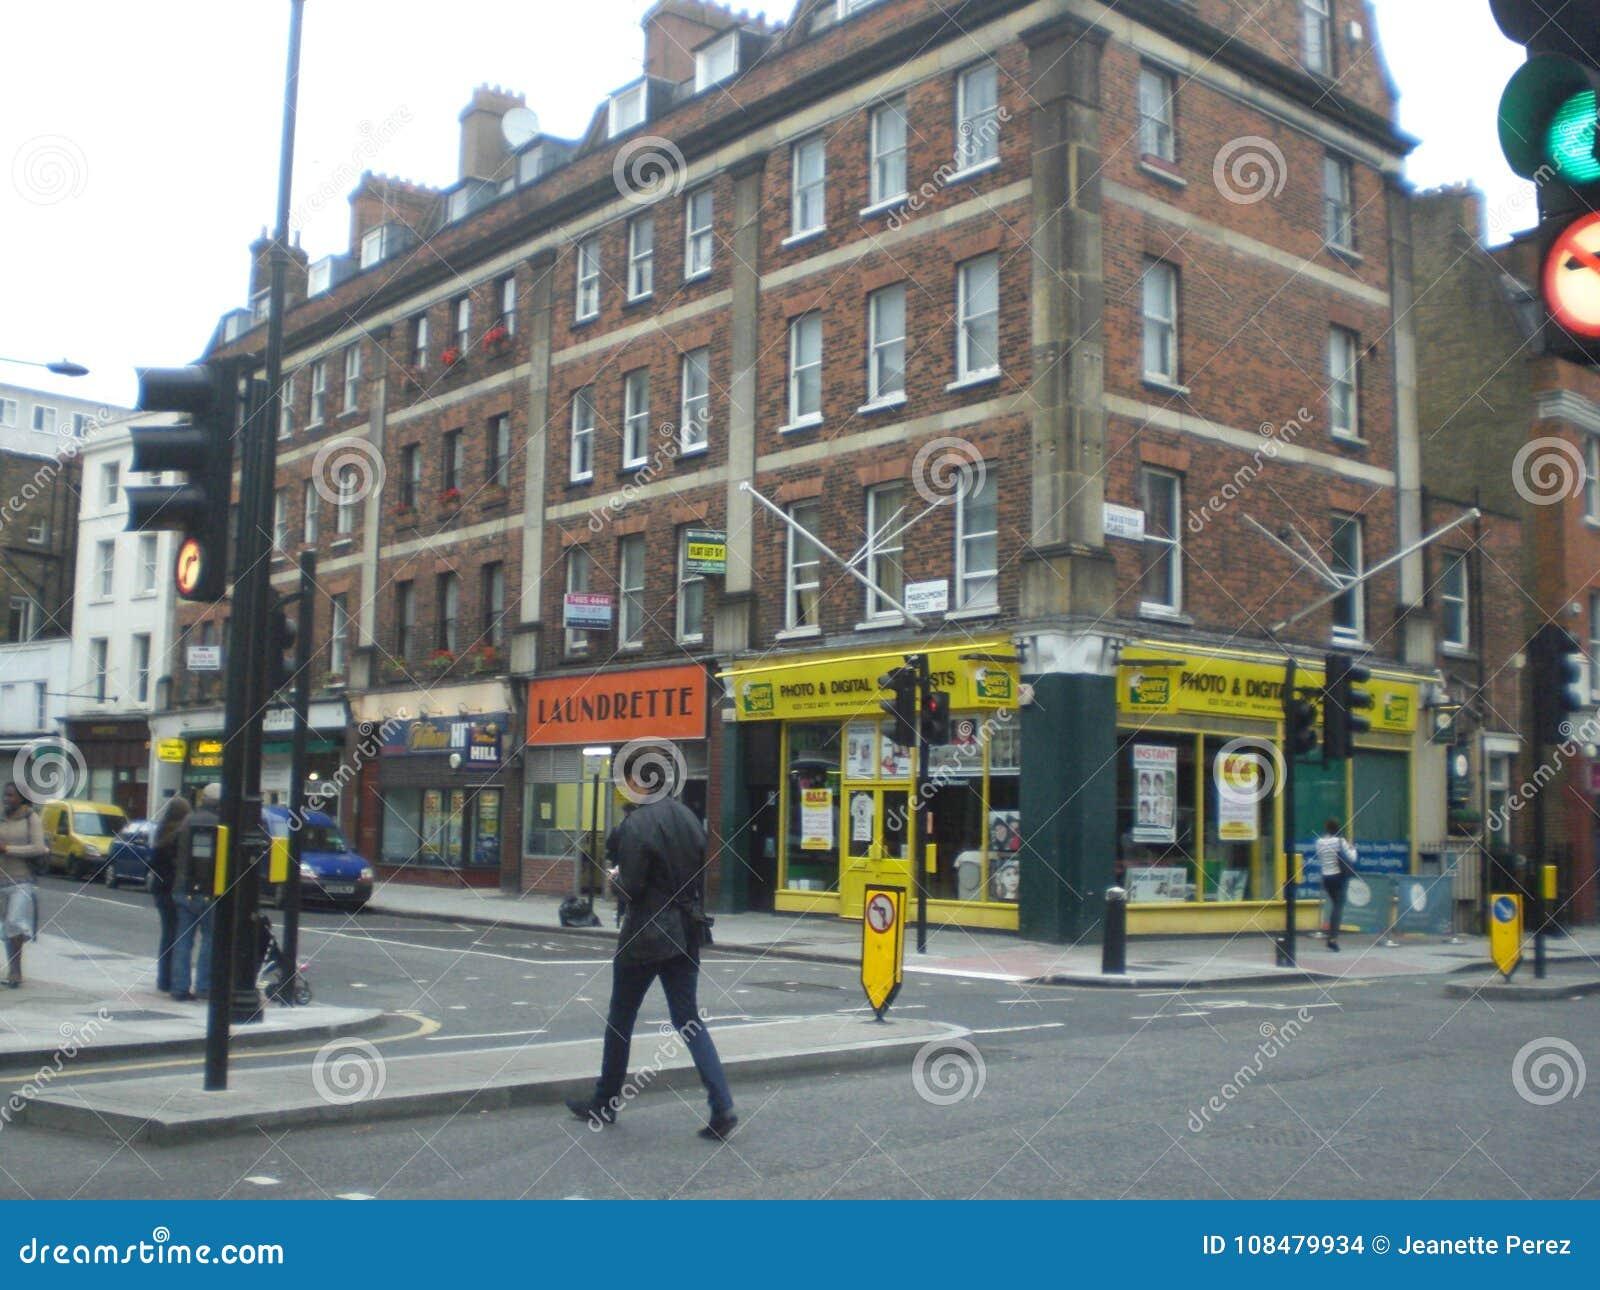 Spaces Rue De Londres coin d'une rue de londres angleterre image stock éditorial